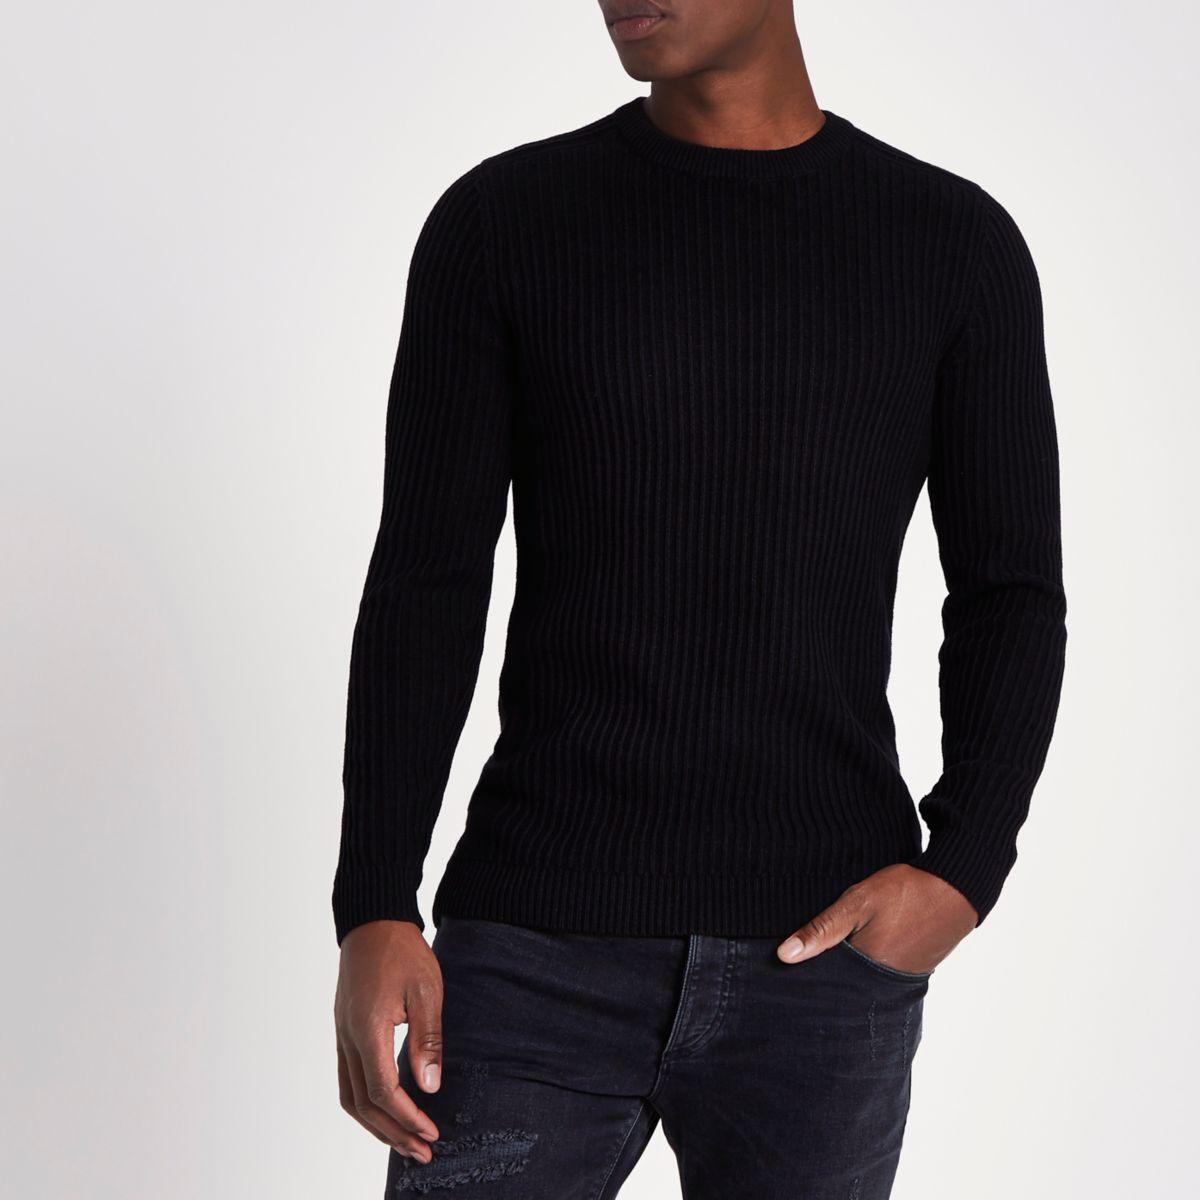 Zwarte geribbelde aansluitende pullover met ronde hals